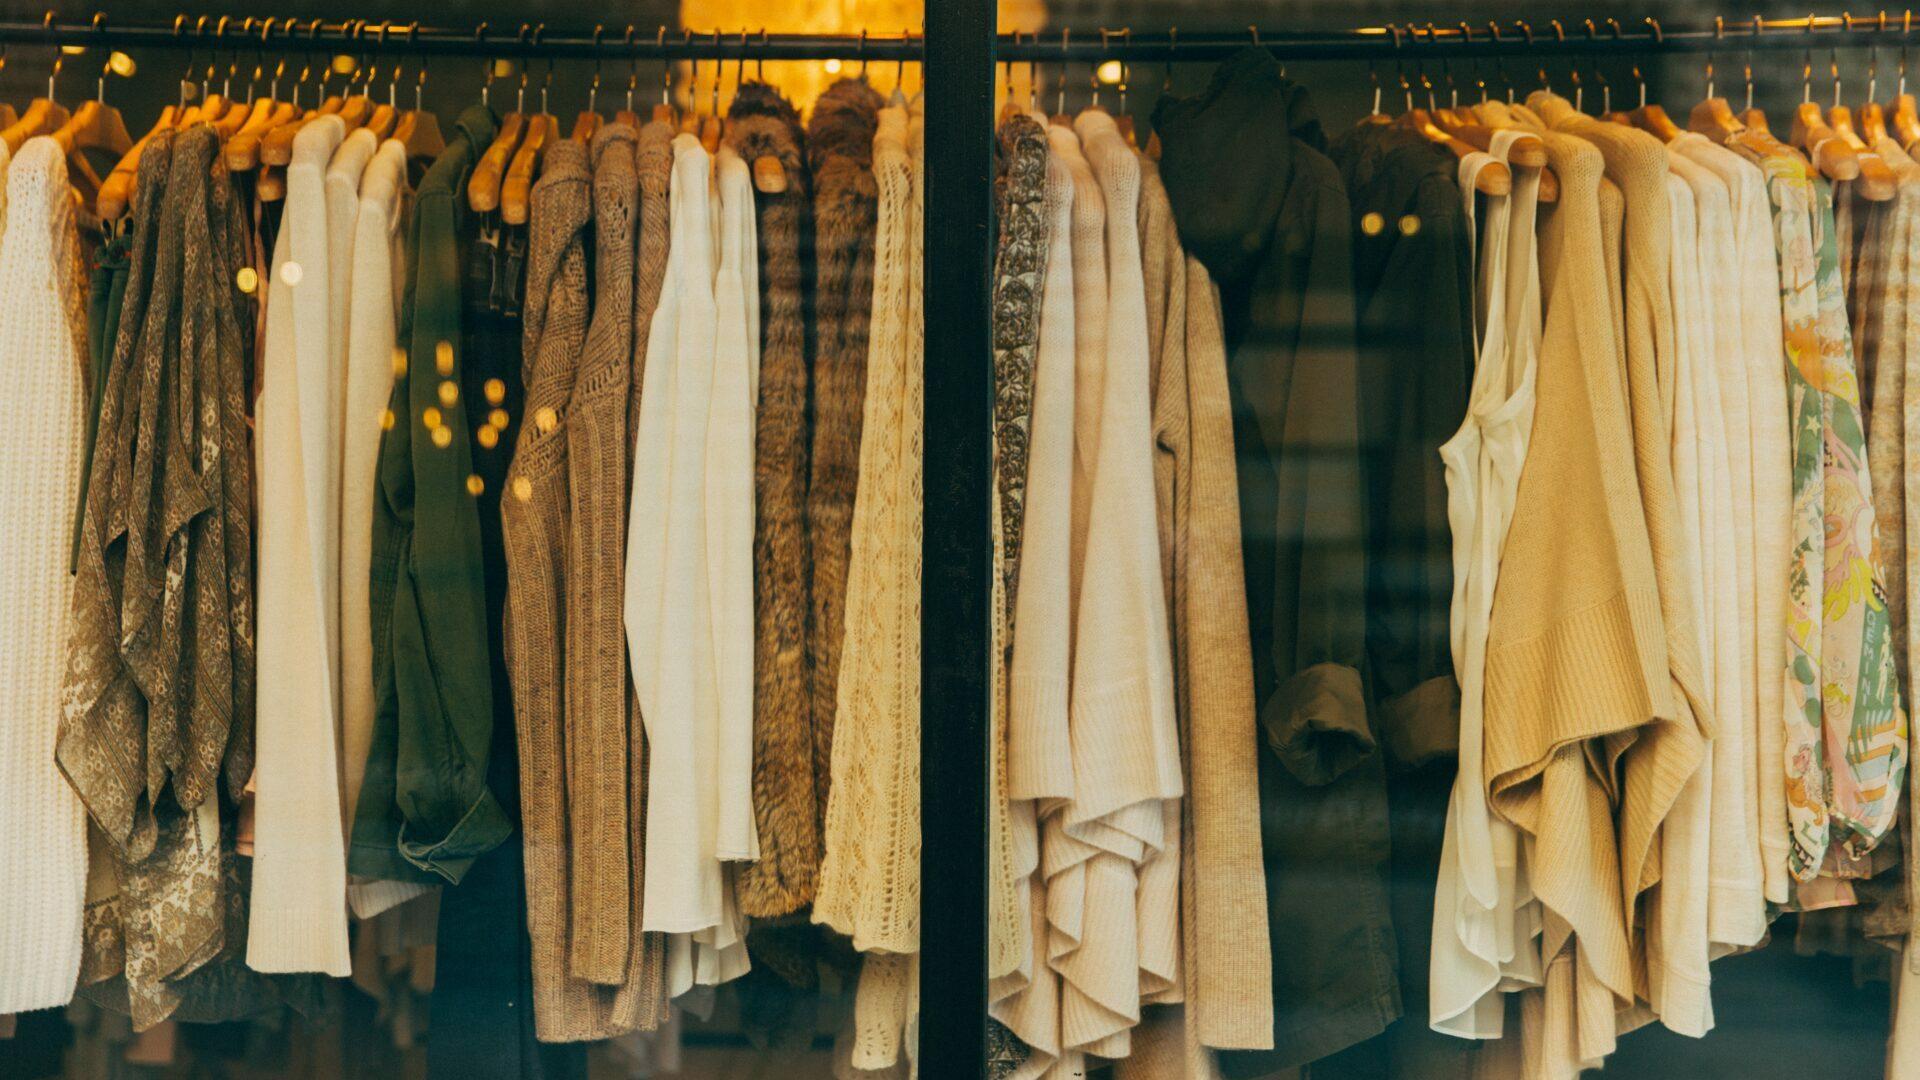 Kleidung auf Kleiderständer | Foto: Hannah Morgan / Unsplash